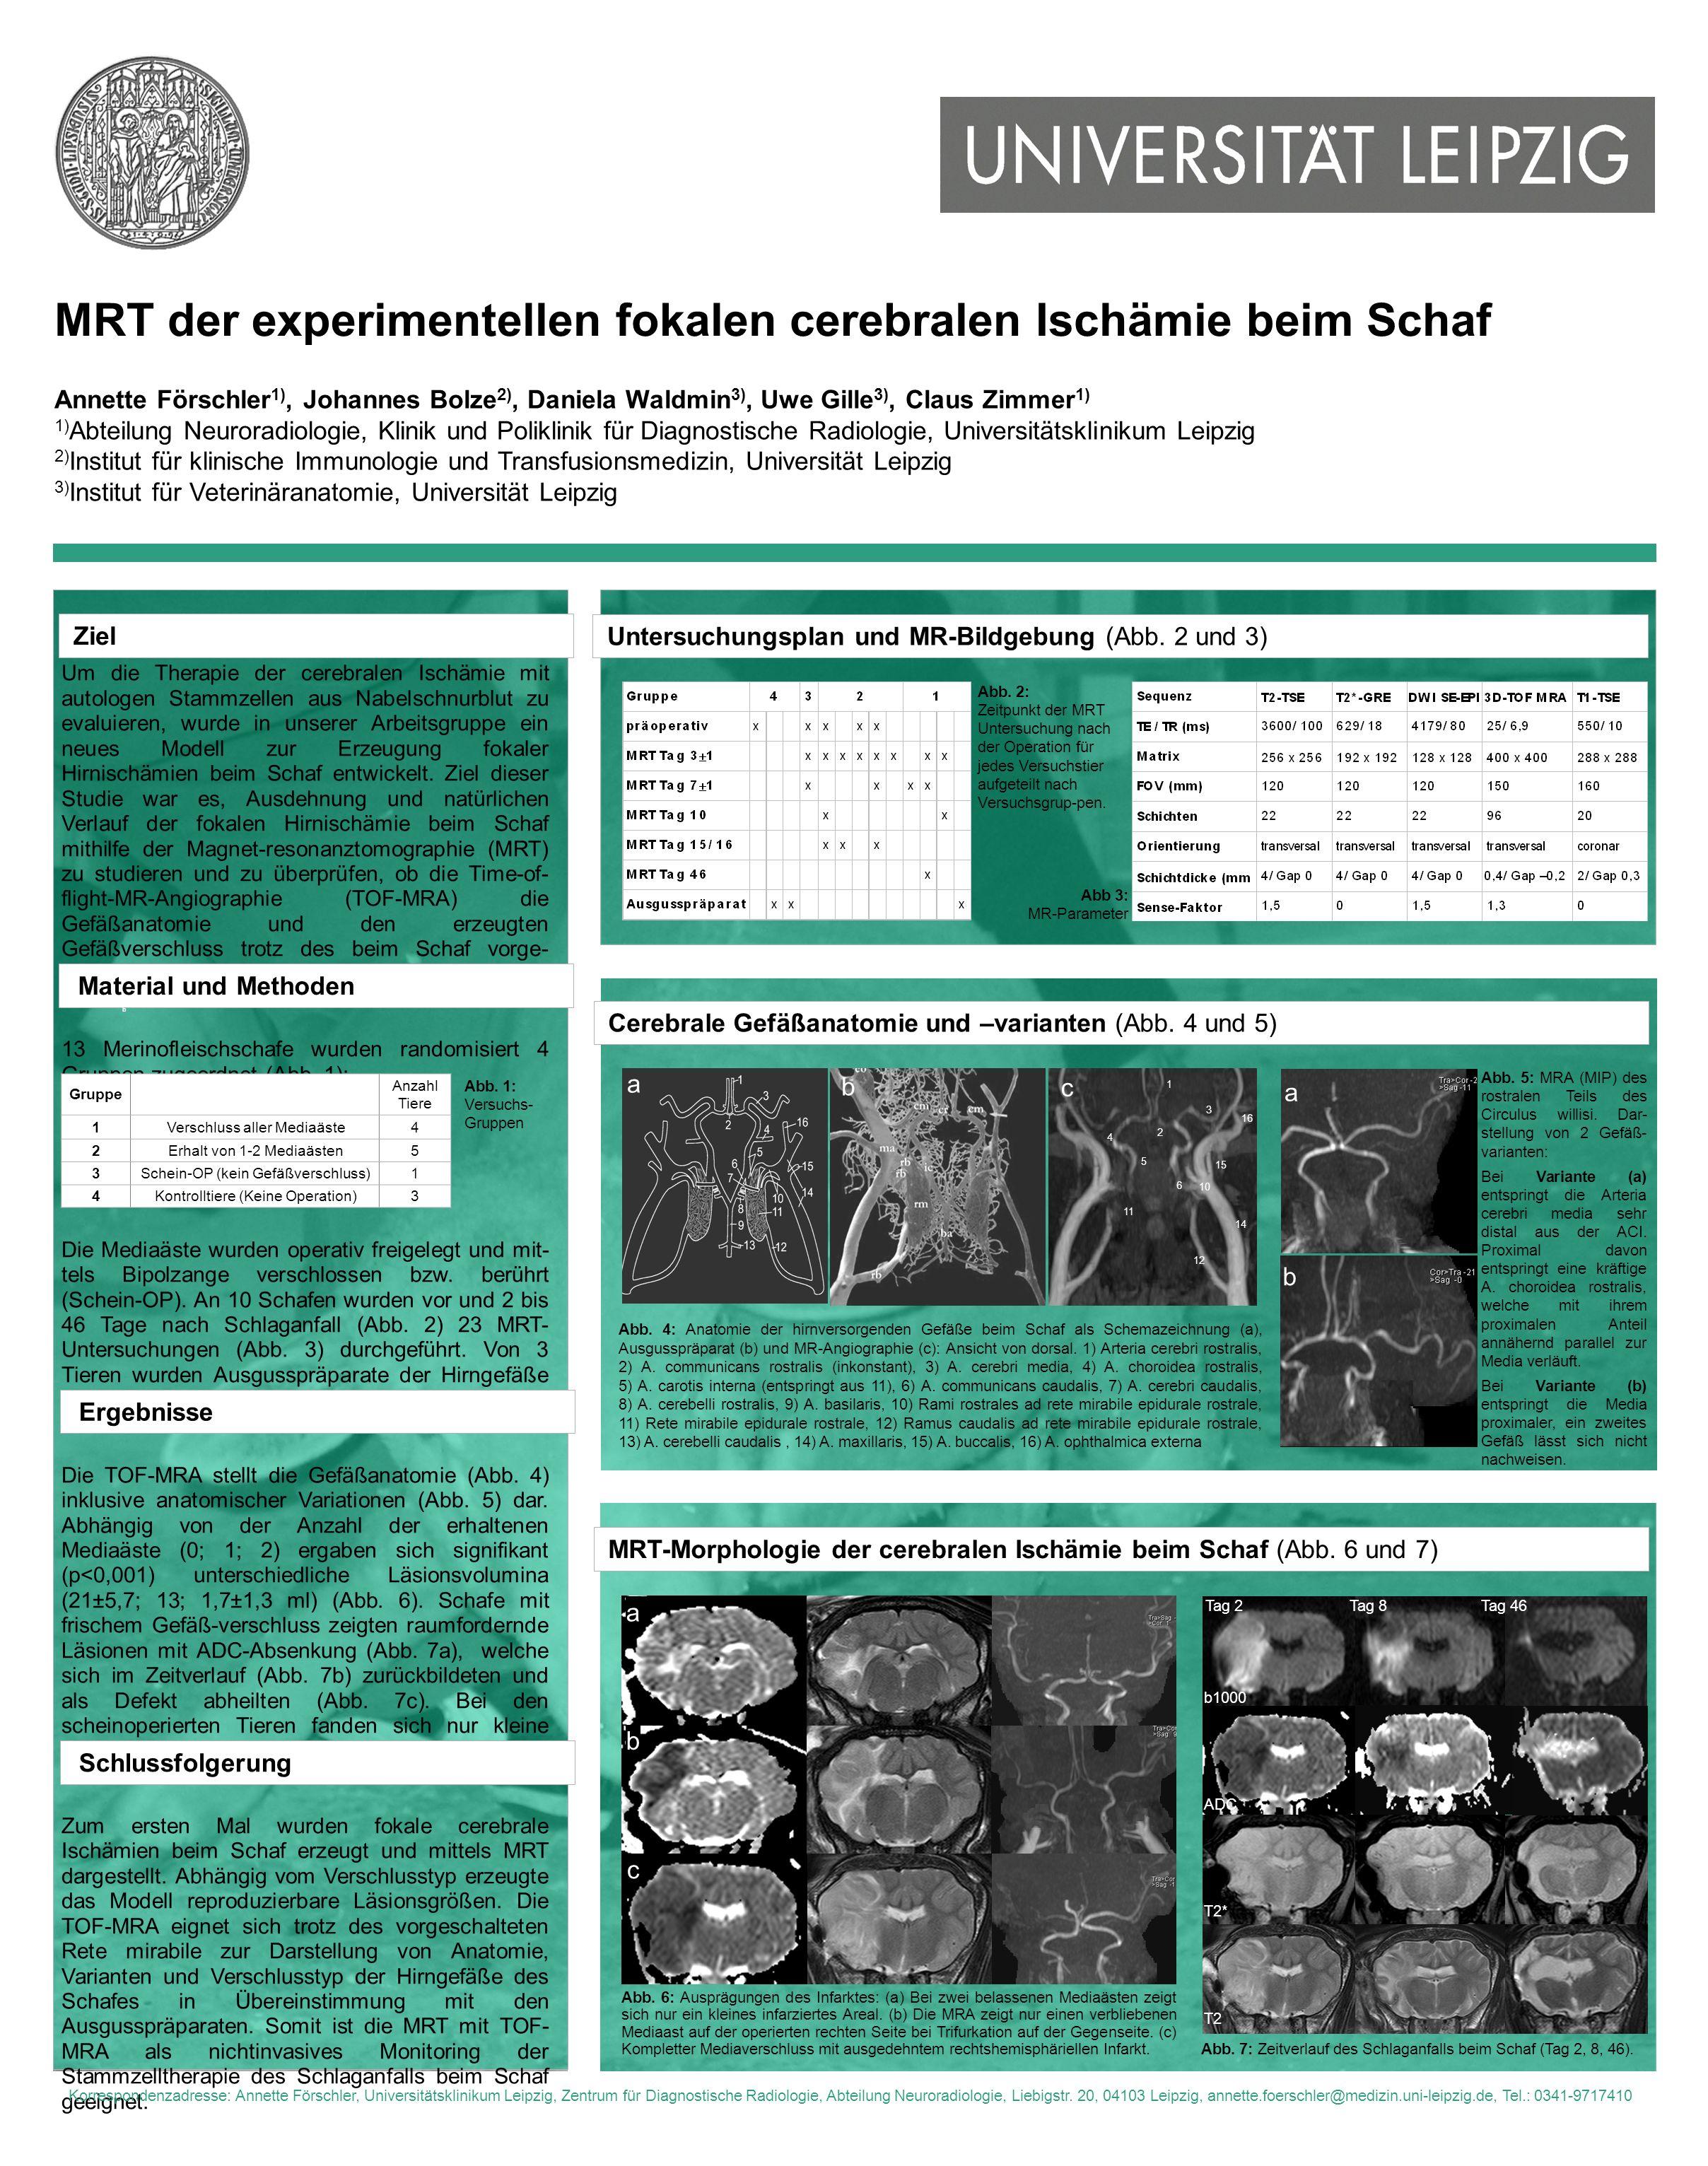 MRT der experimentellen fokalen cerebralen Ischämie beim Schaf